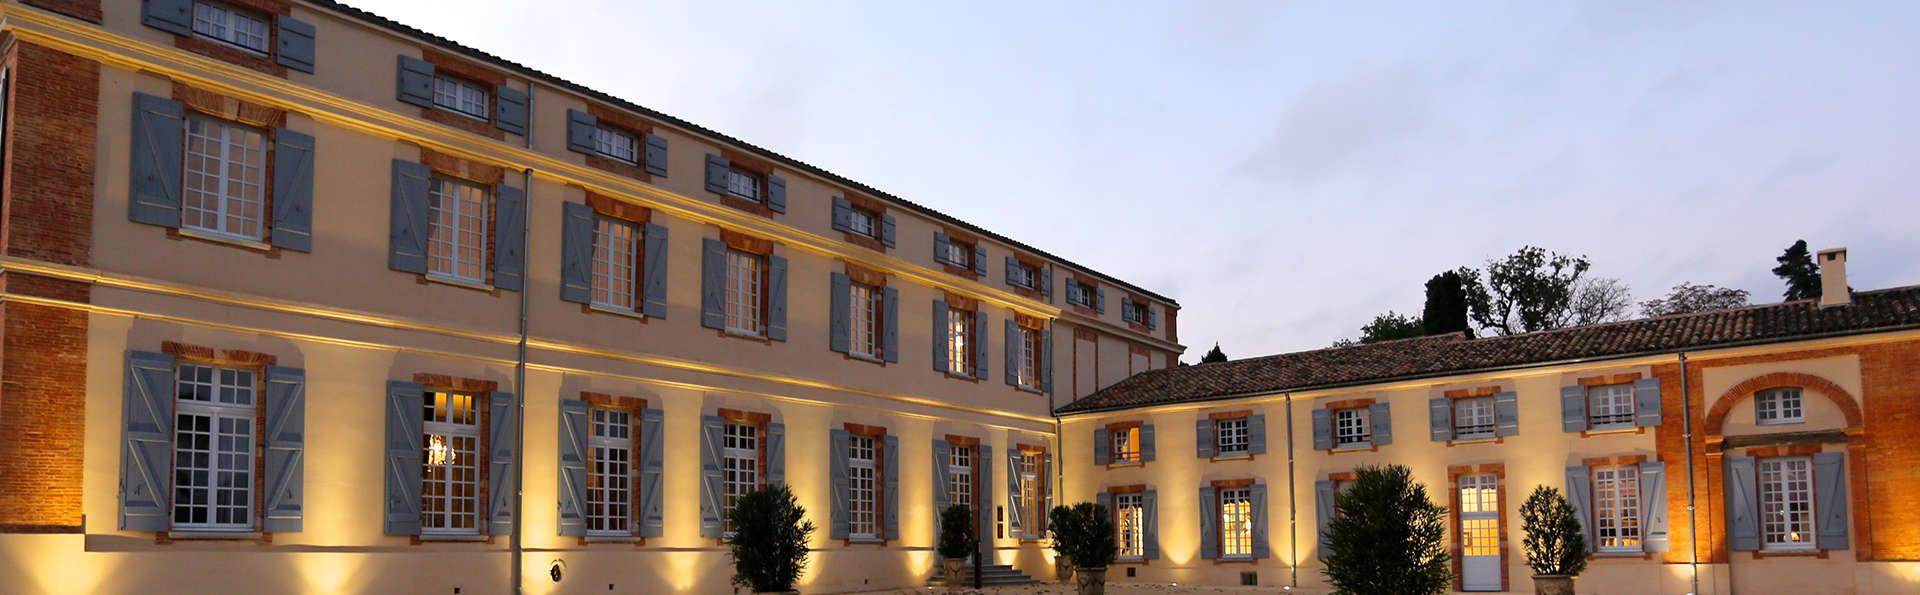 Château de Drudas - EDIT_NEW_front.jpg